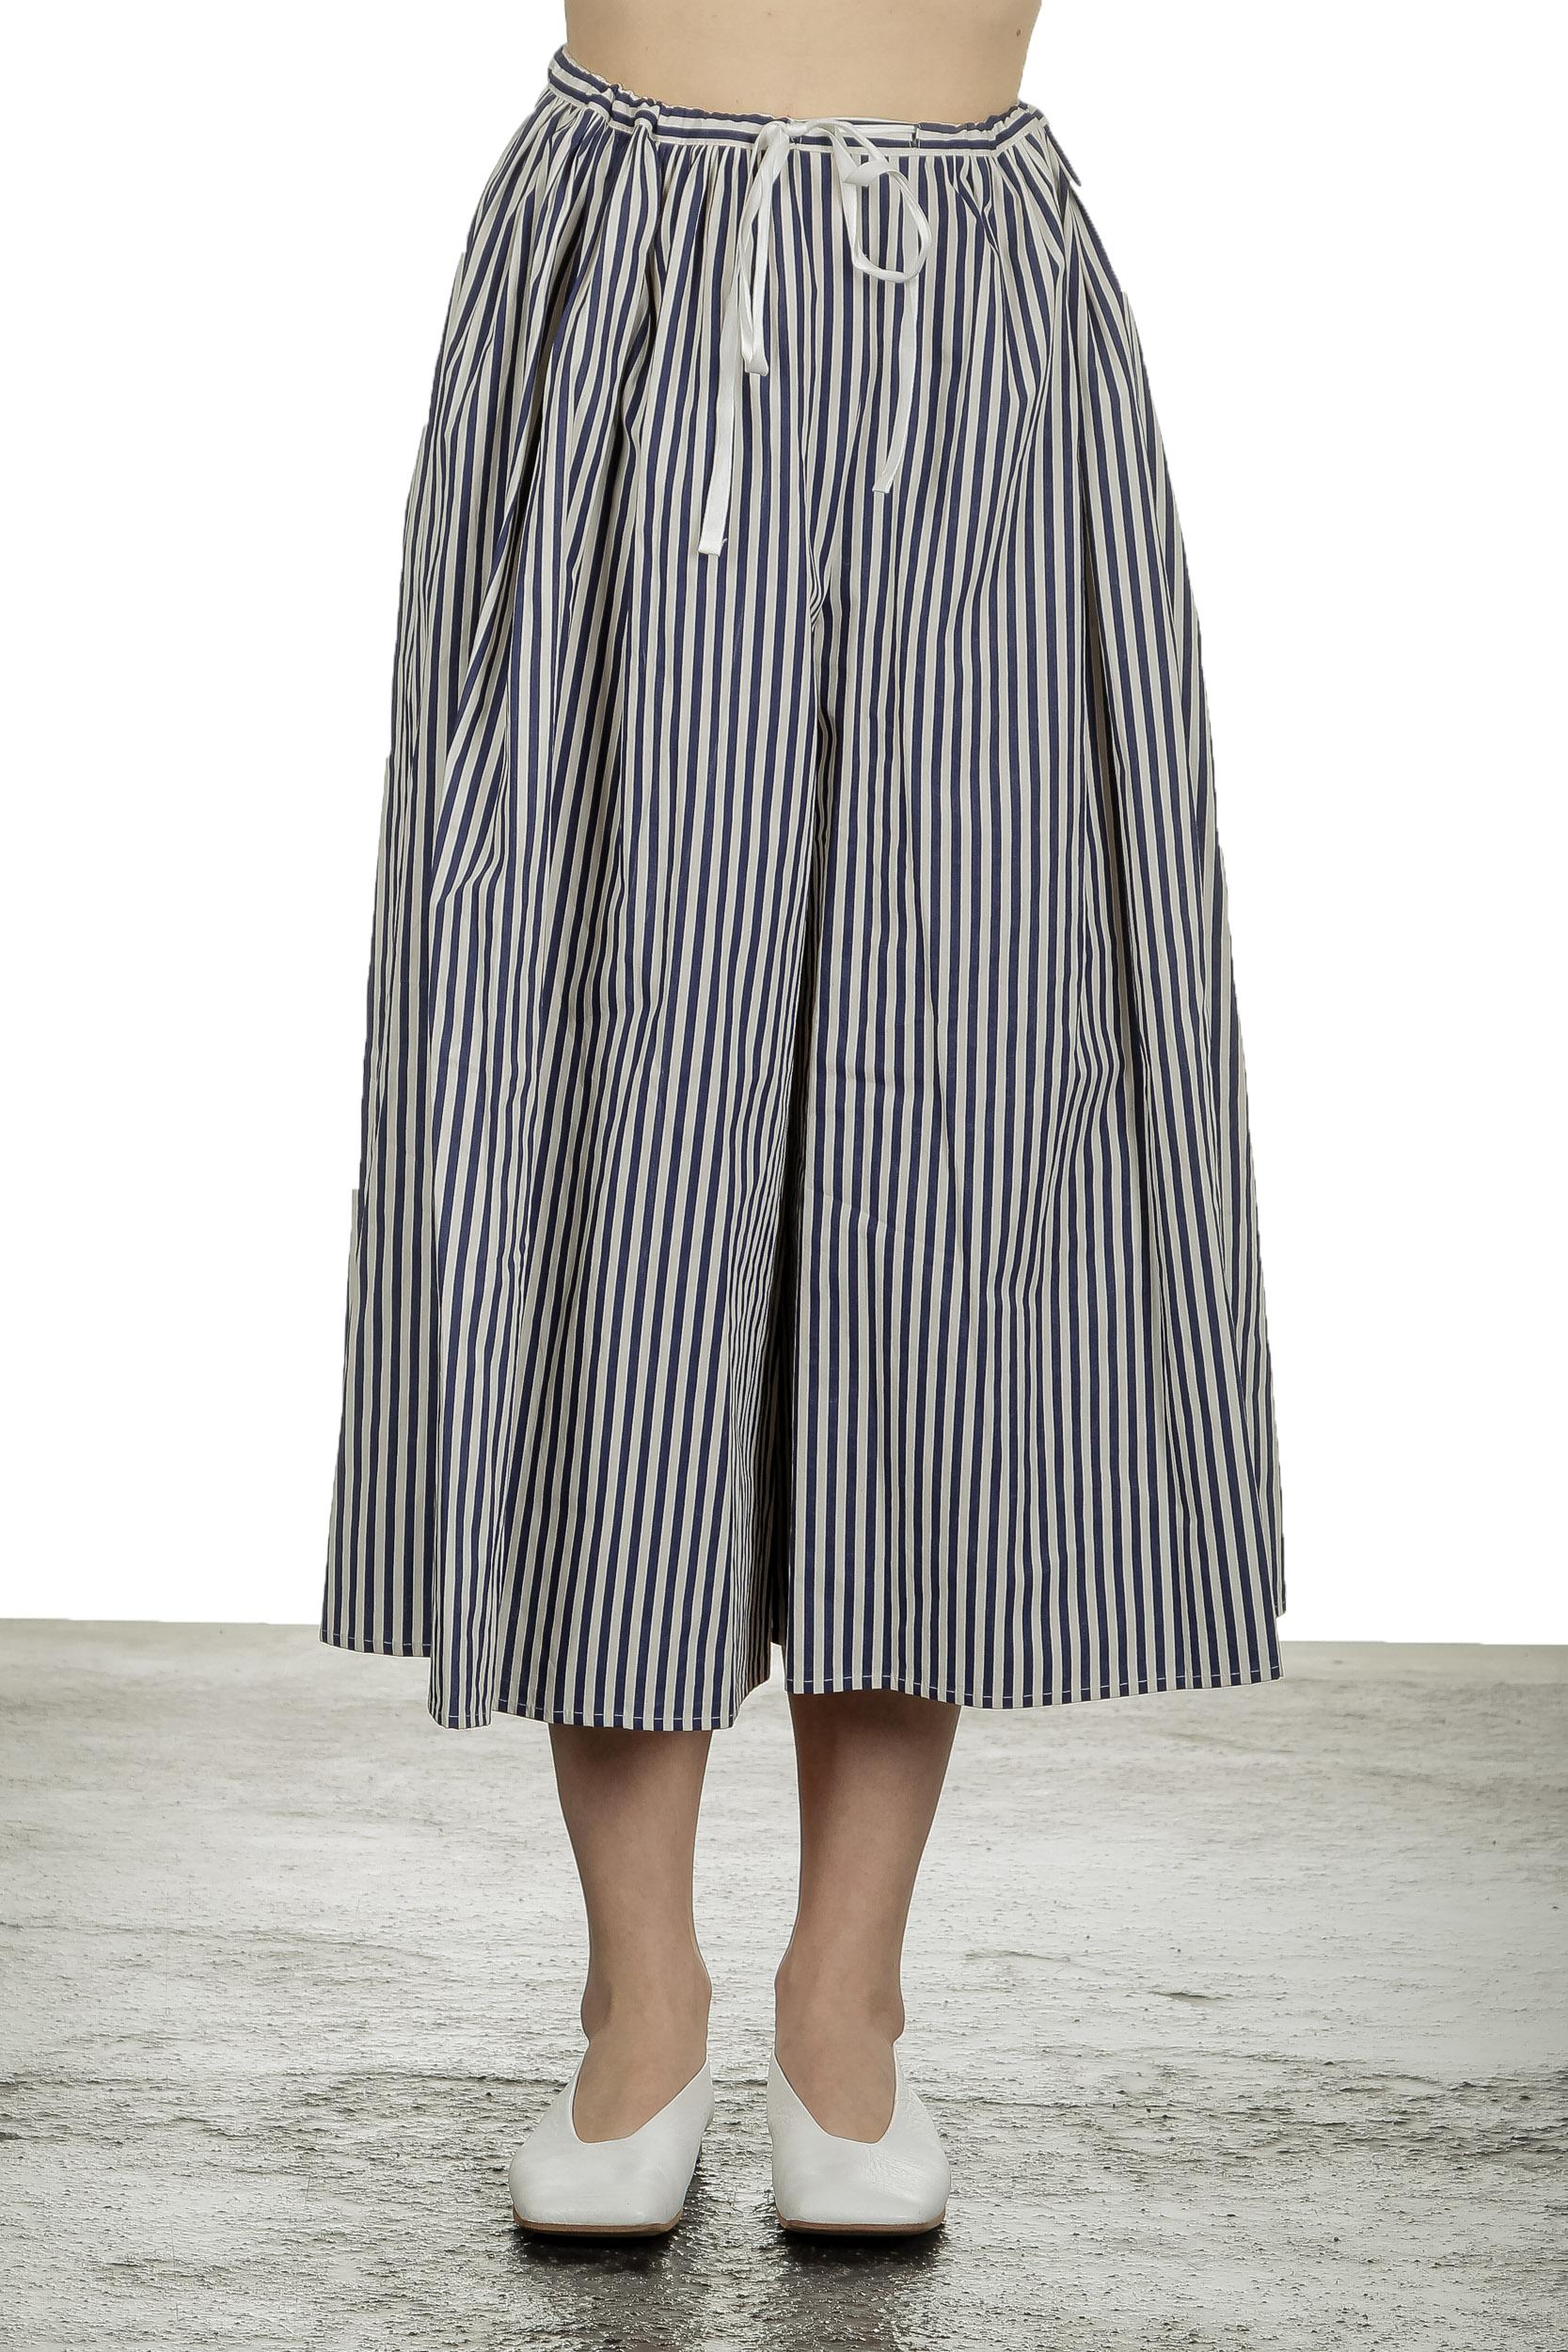 Hosen - Apuntob Damen 7 8 Hosenrock mit Streifen blau weiß  - Onlineshop Luxury Loft